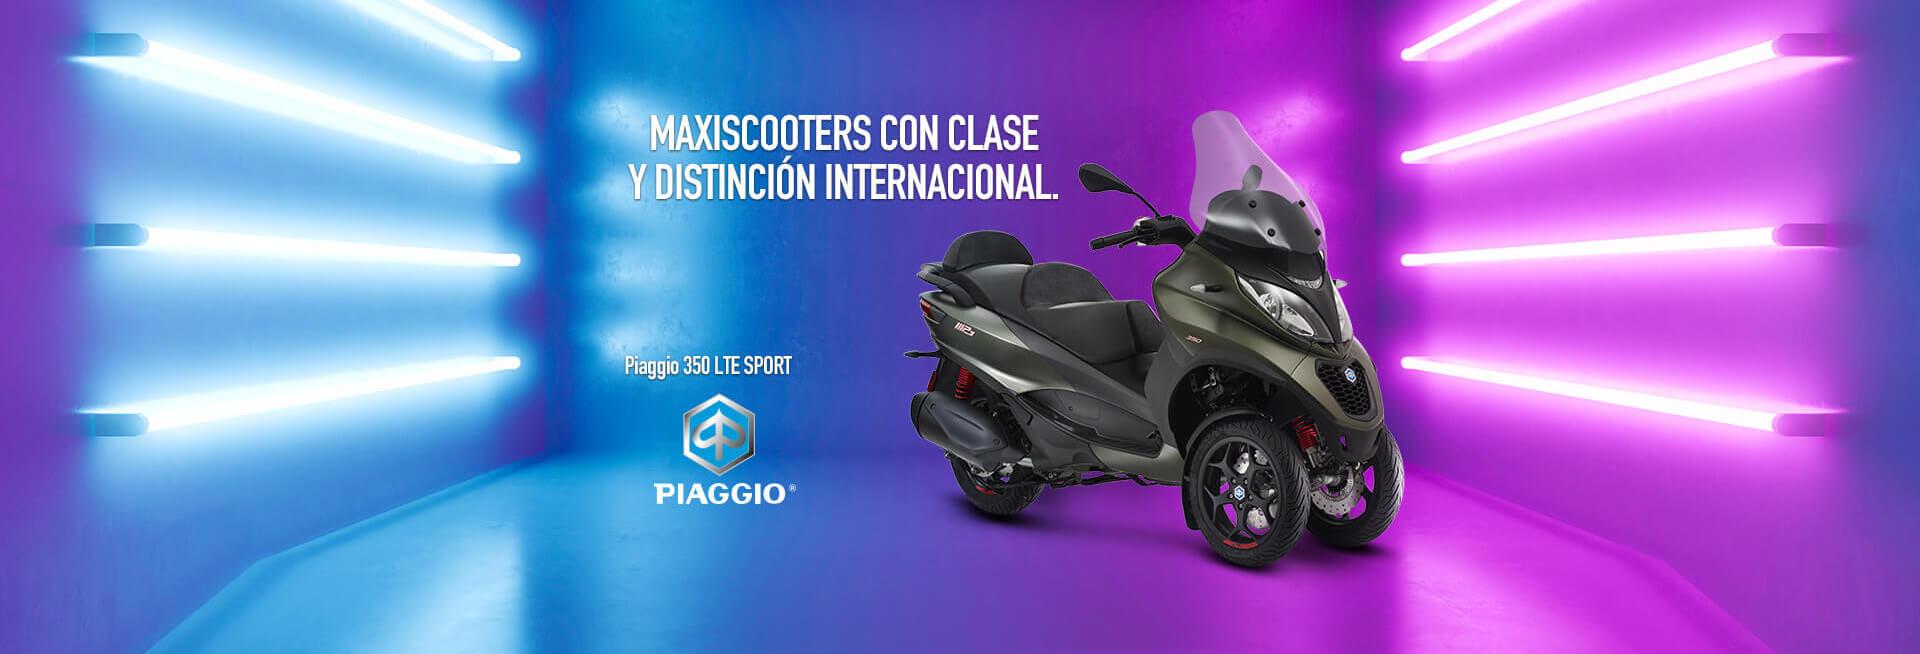 Compra una maxi scooter